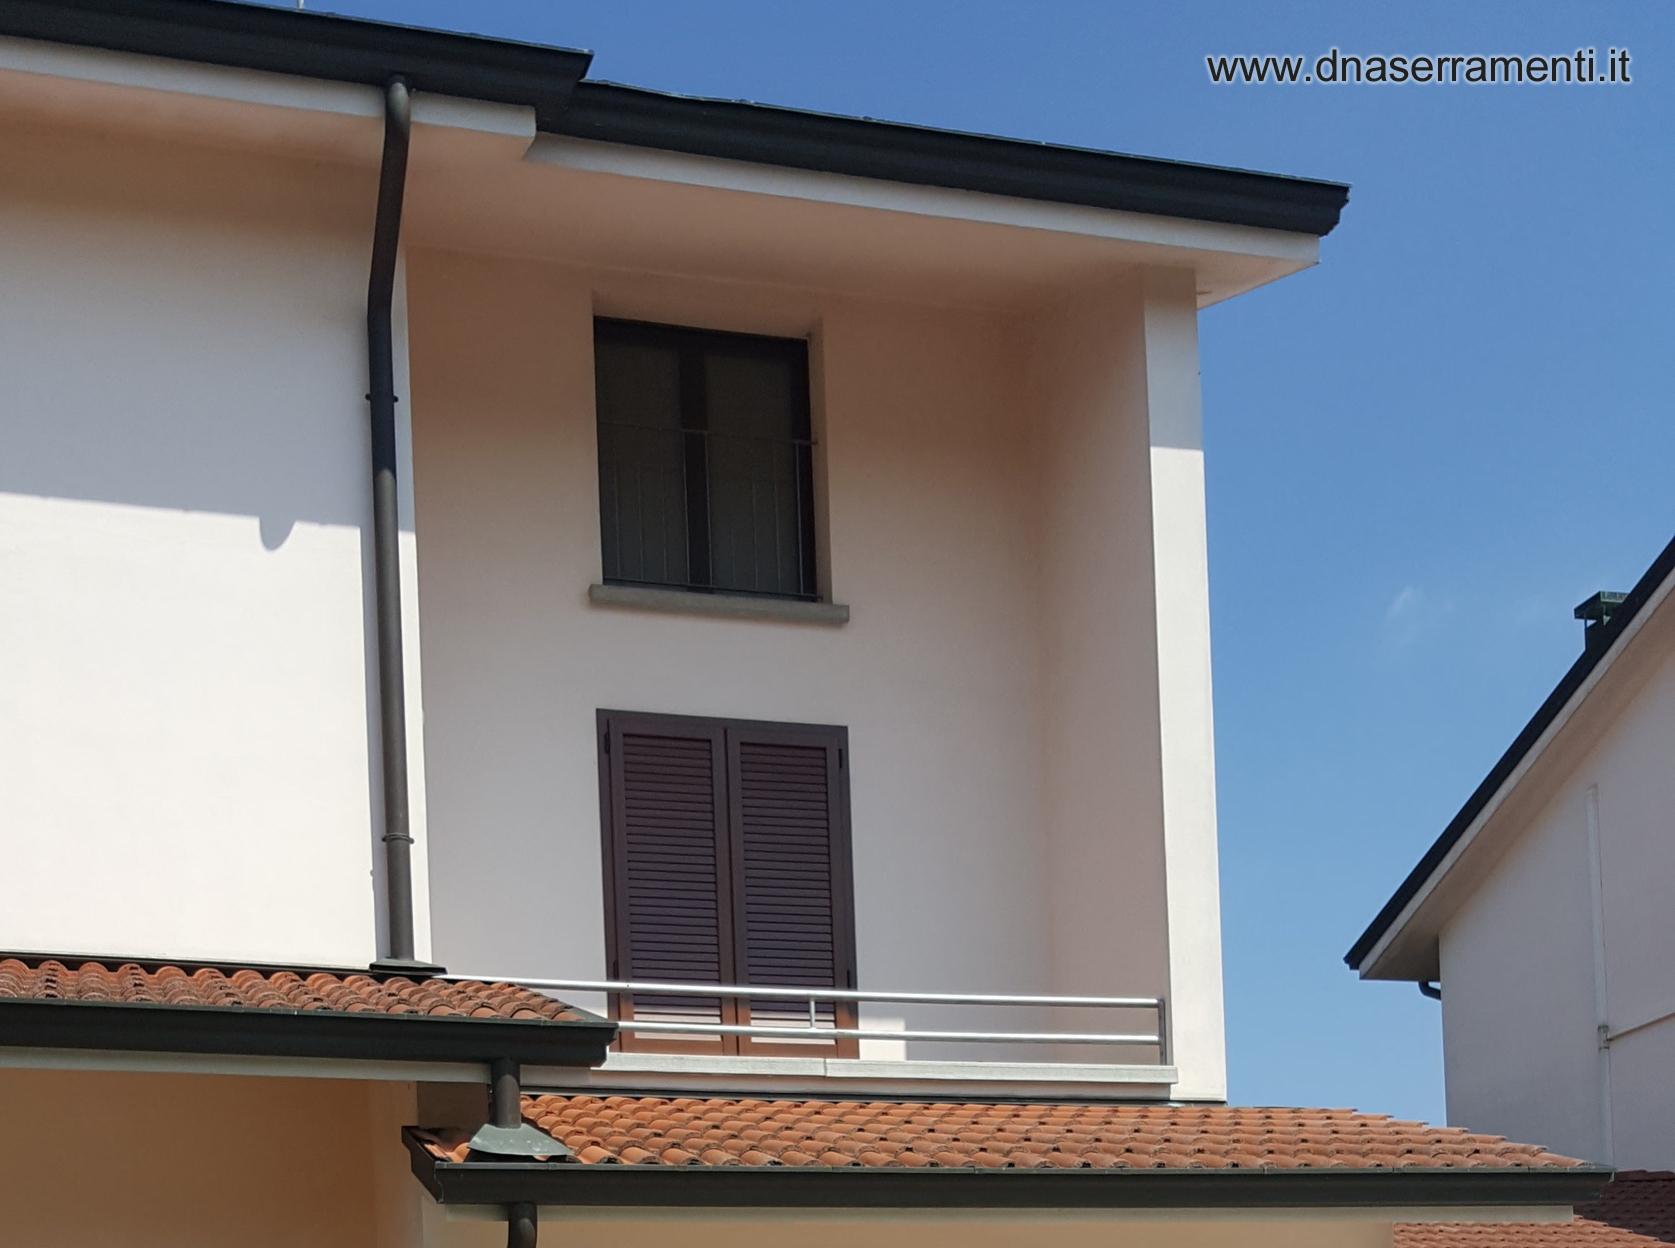 Dna serramenti finestre serramenti porte pellicole per - Finestre bianche ...